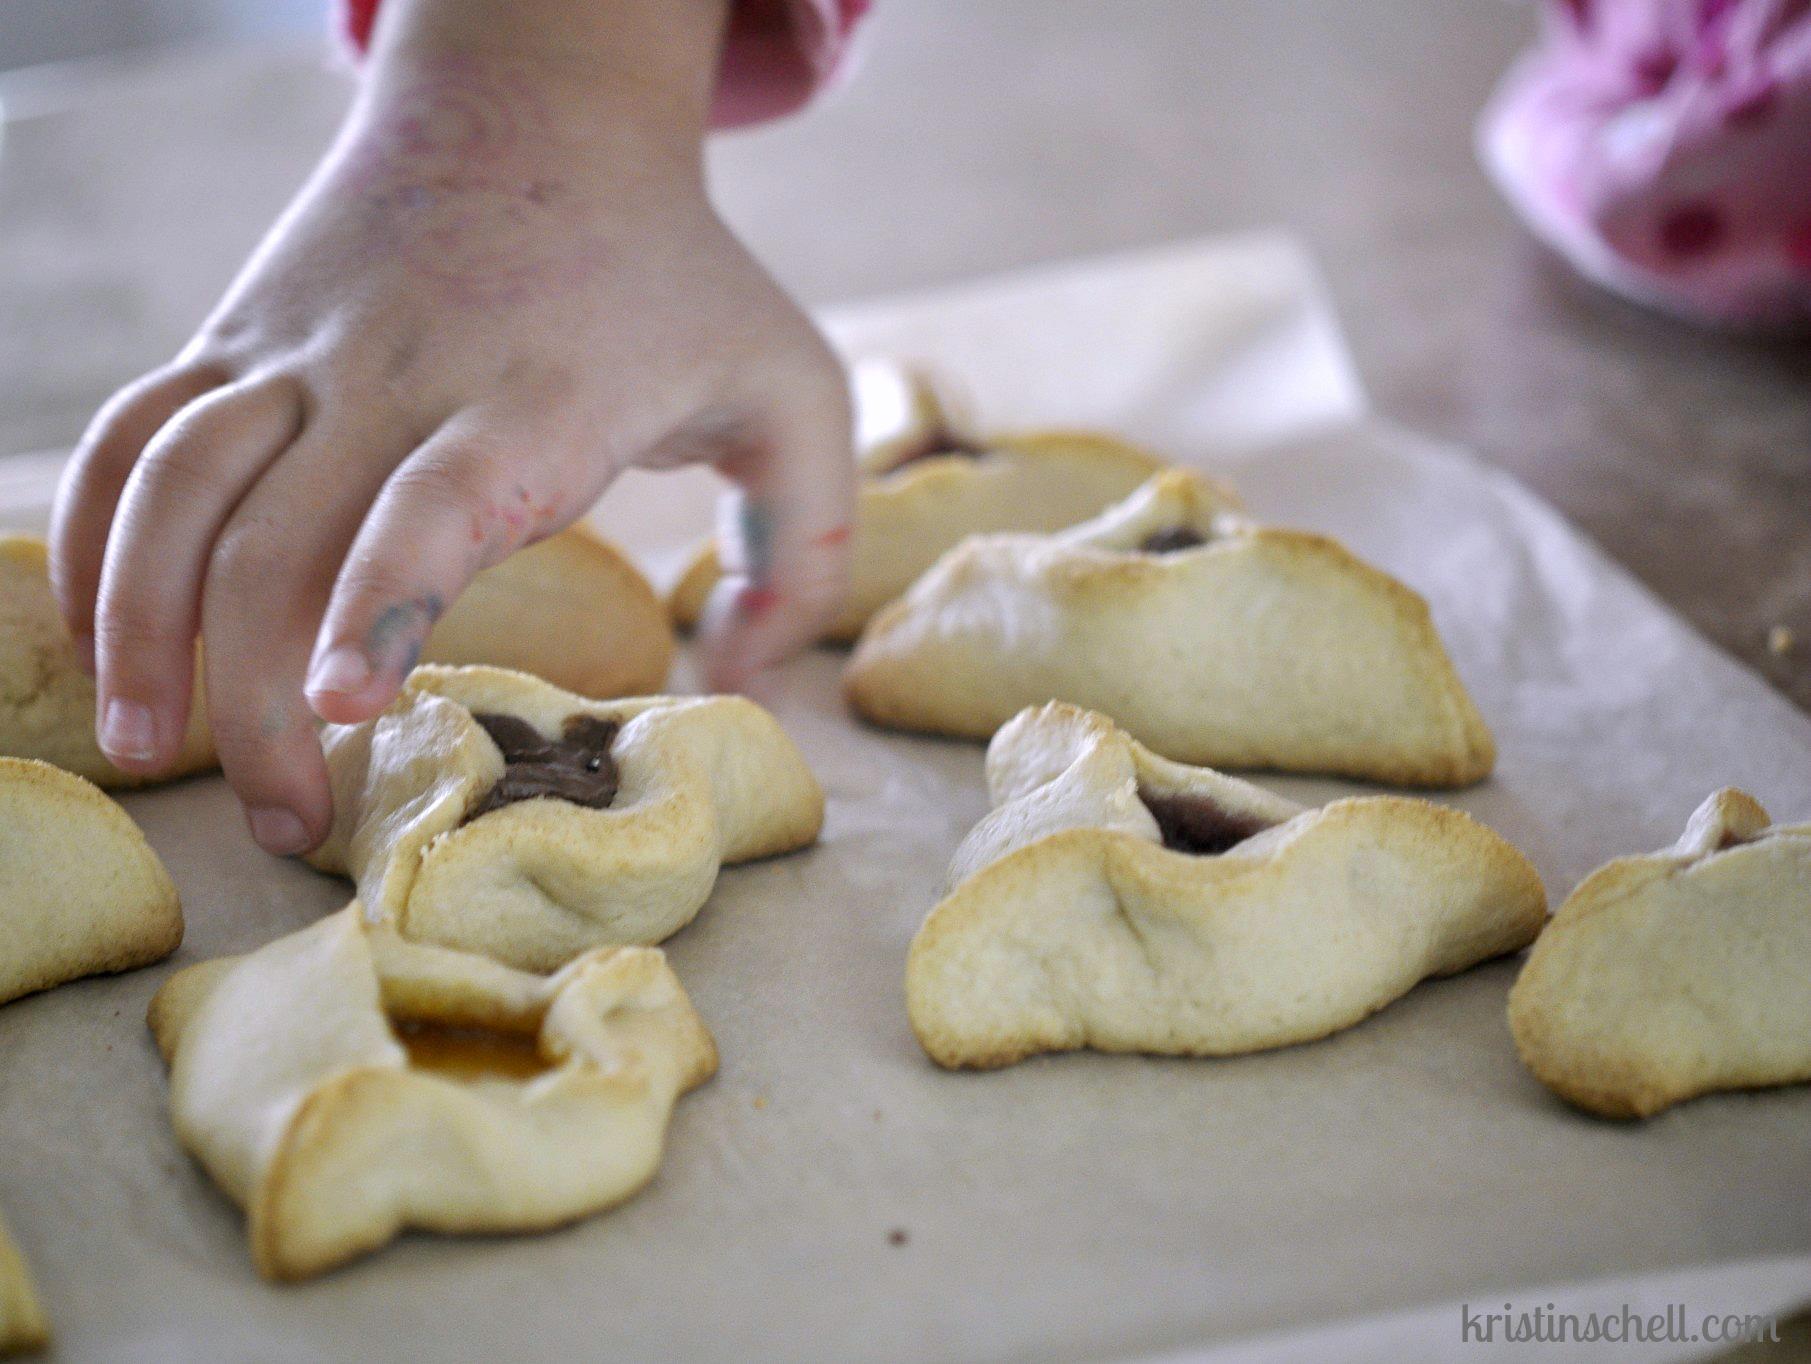 Celebrating Purim | ideas and hamantashen recipes | kristinschell.com